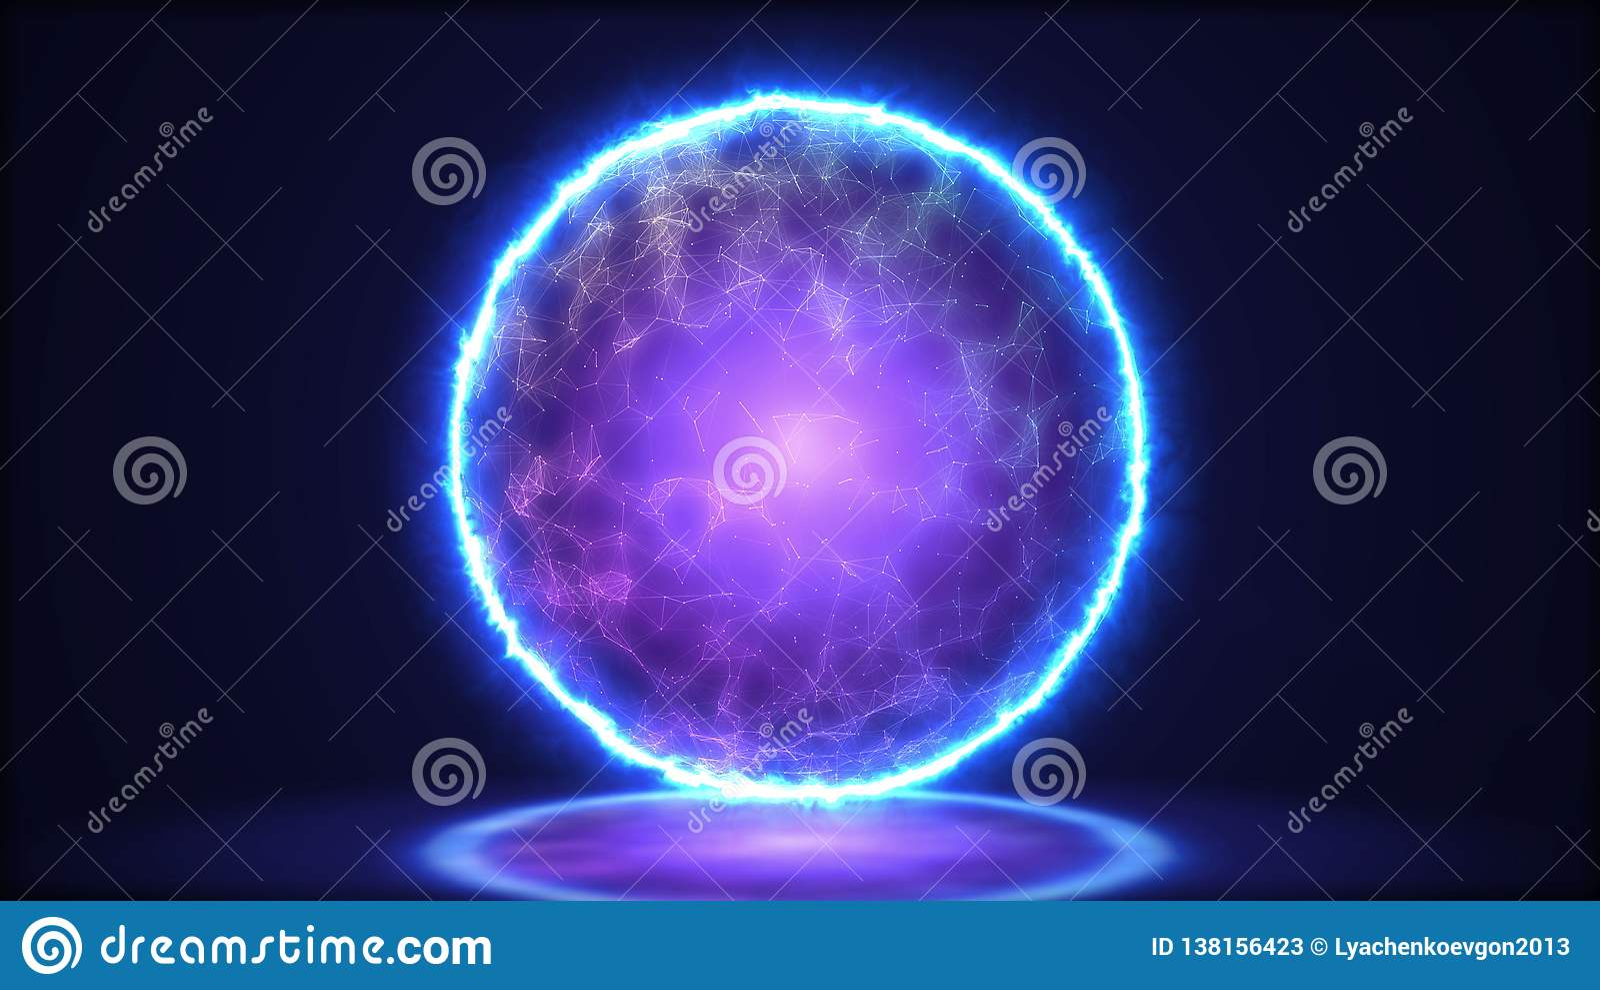 Wunderlampenahaufnahme Energie innerhalb des Bereichs Abbildung 3D